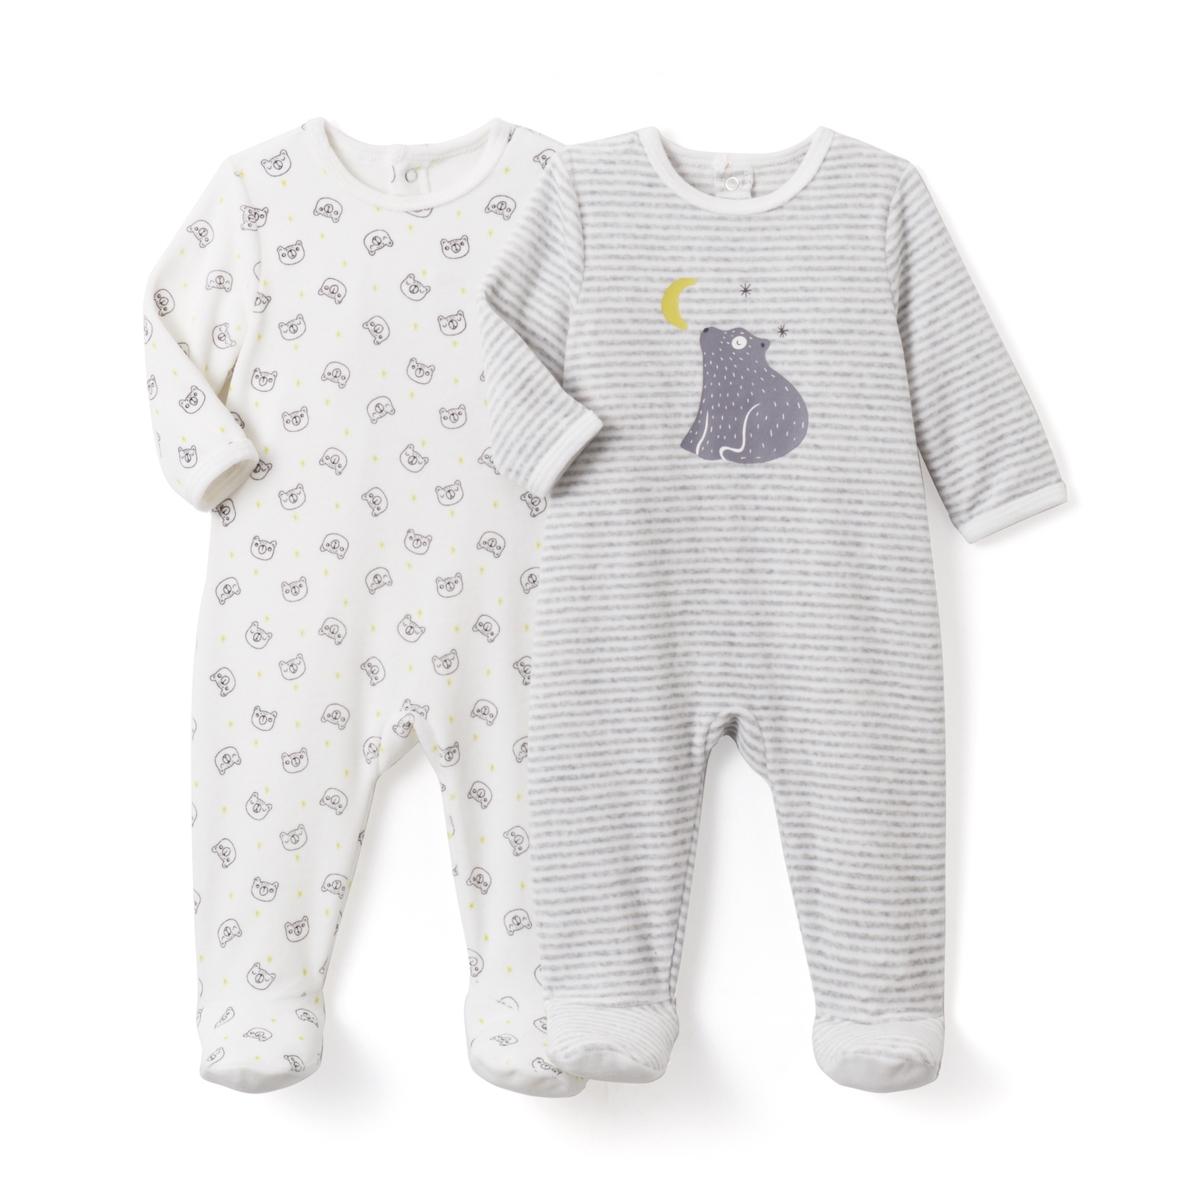 2 пижамы из велюра с рисунком, 0 мес.- 3 лет